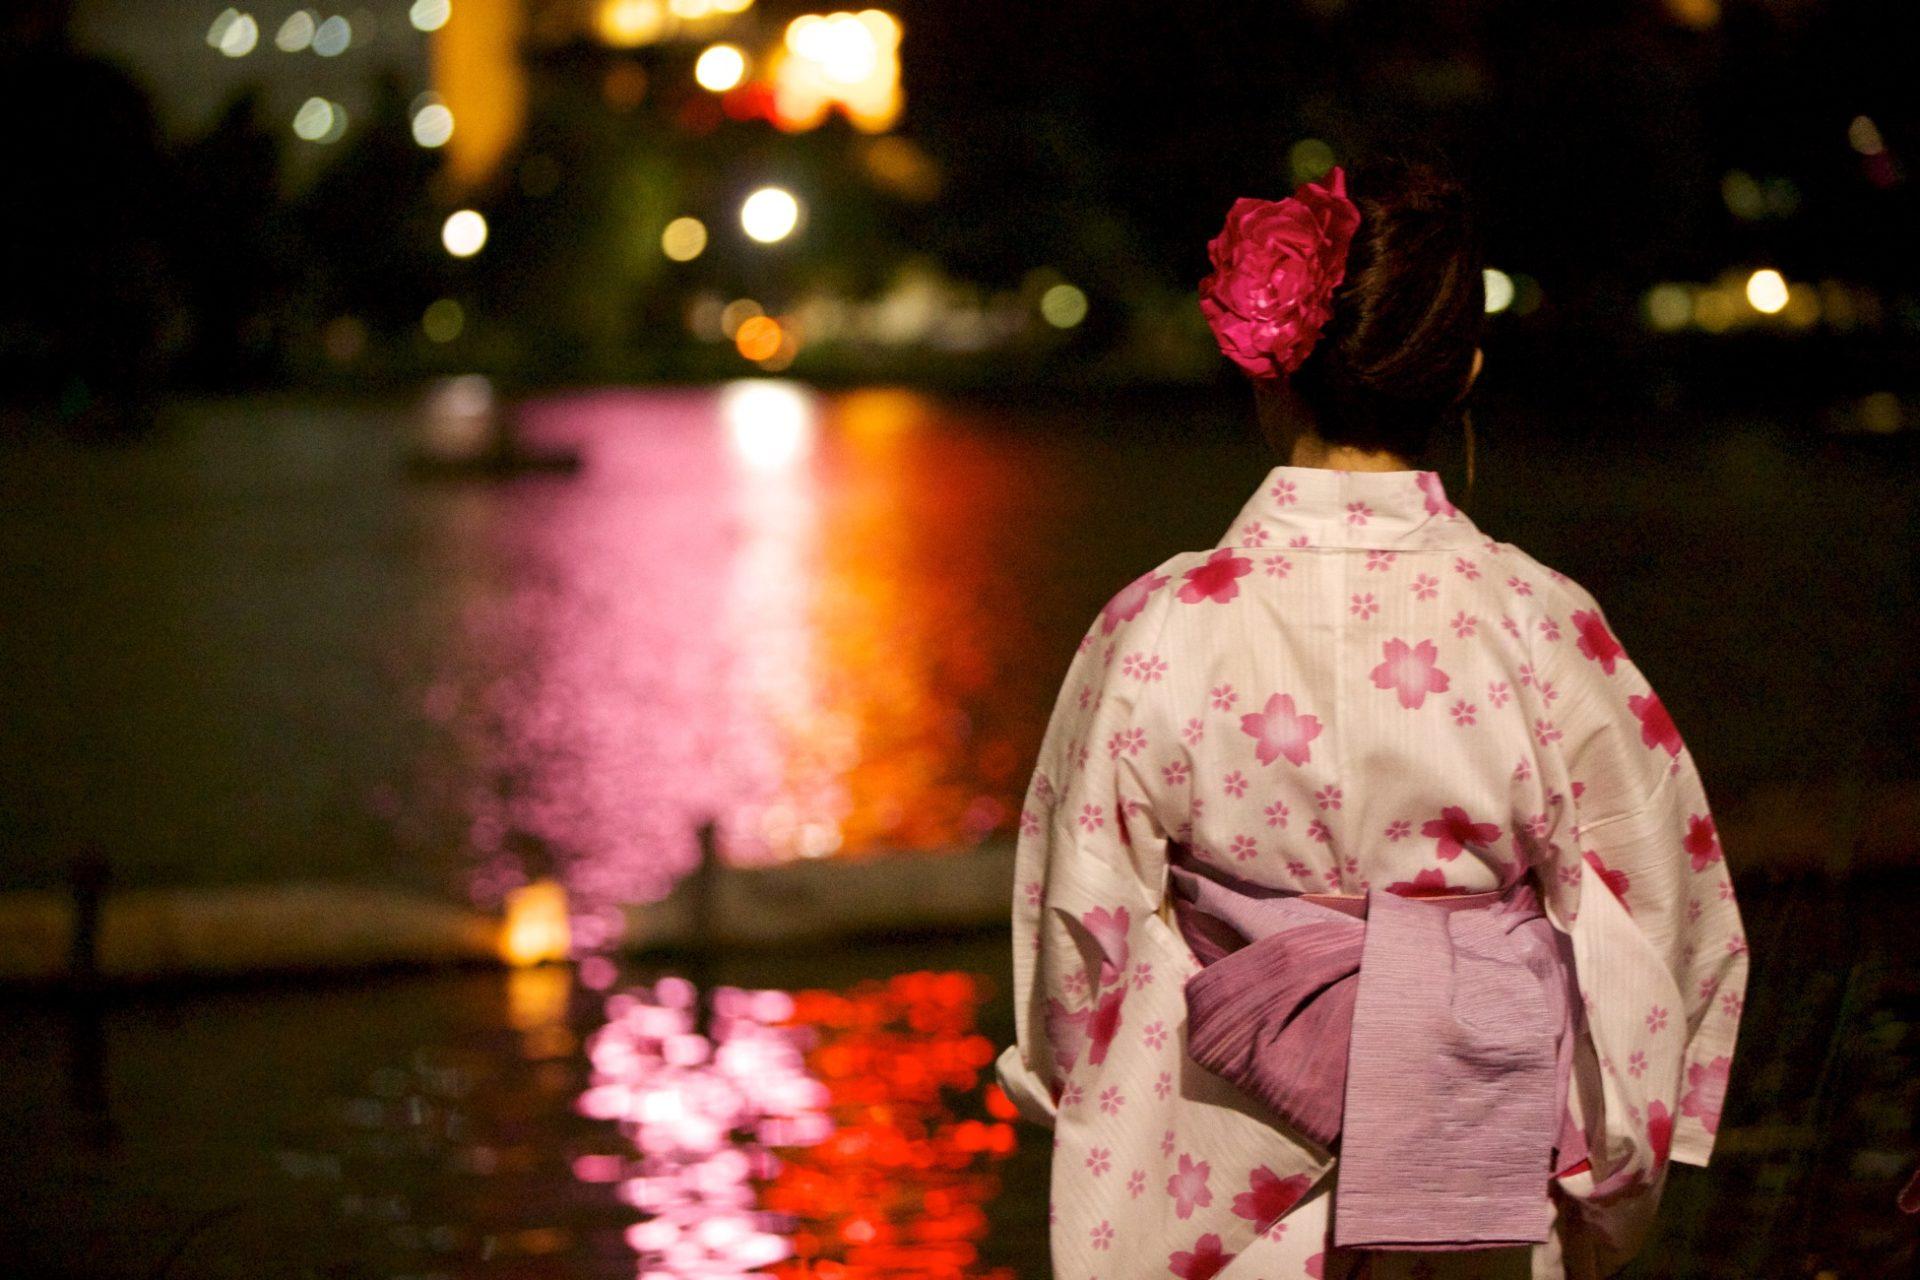 Kesäfestivaaleilla pukeudutaan kesäkimonoon eli yukataan. Kuva: Luca Mascaro, flickr.com, CC BY-SA 2.0.